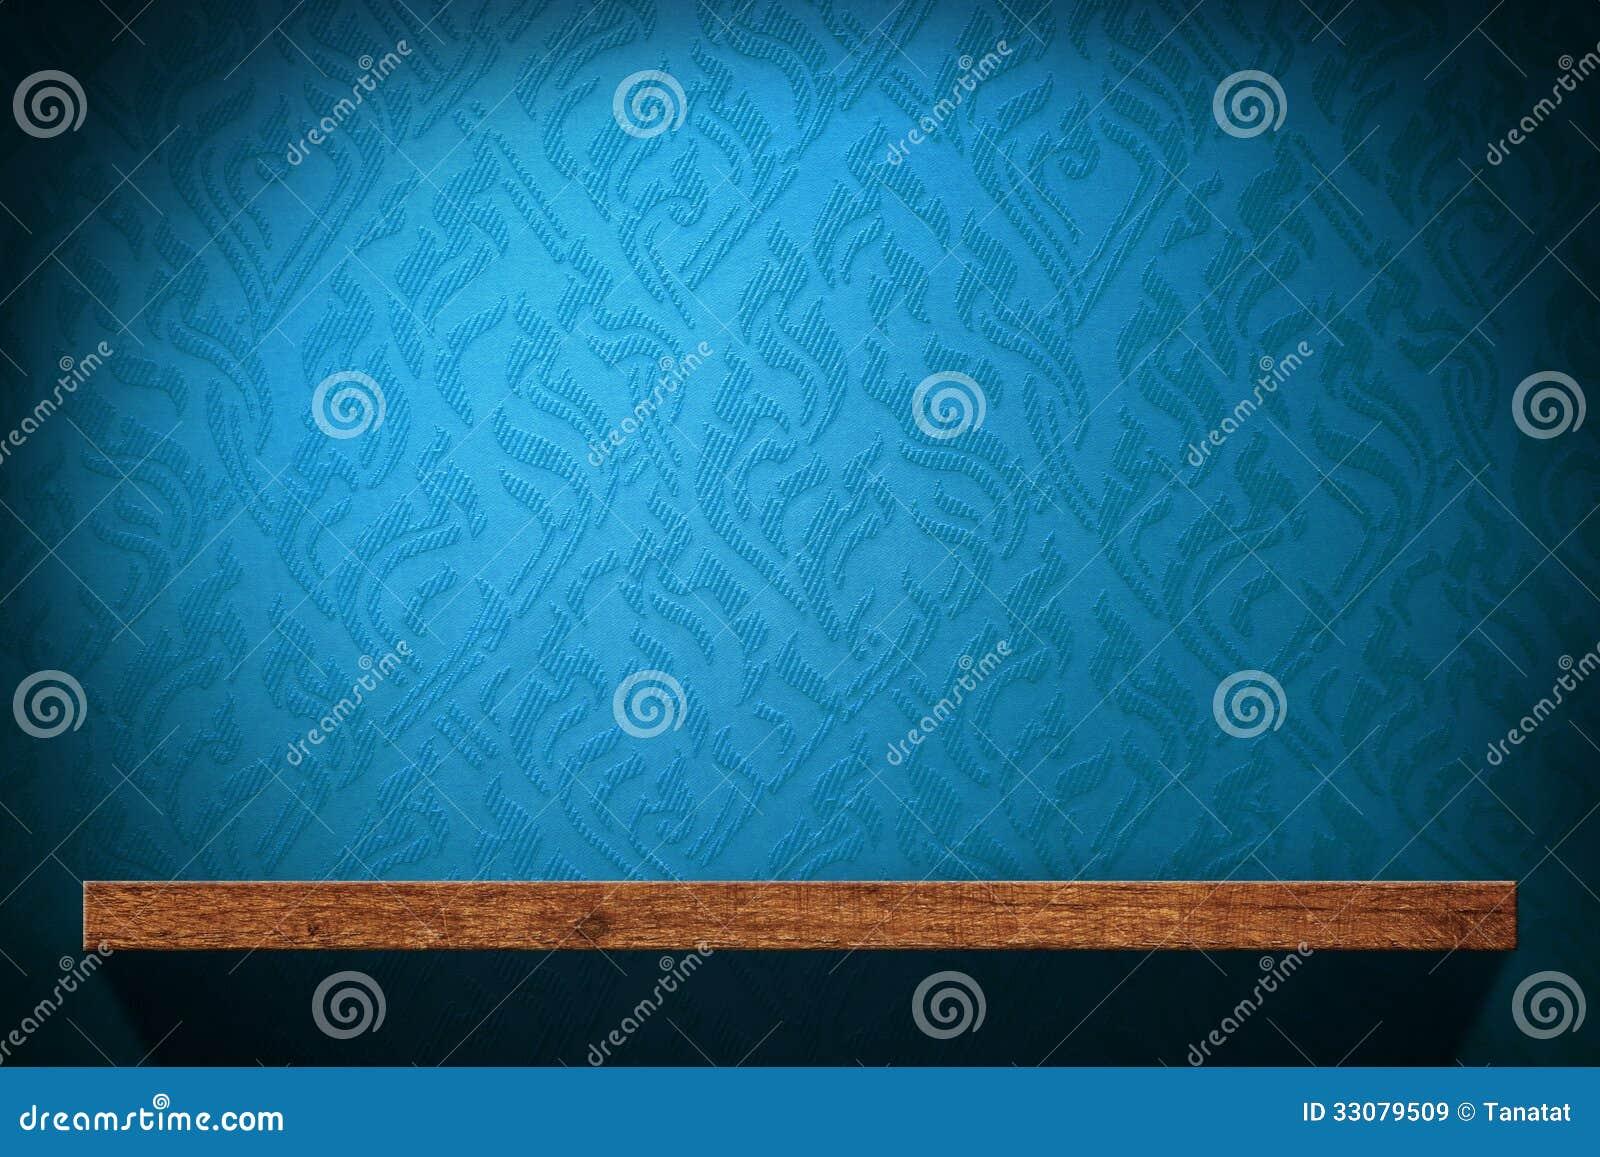 Lege Houten Plank Met Blauw Retro Behang Royalty-vrije Stock ...